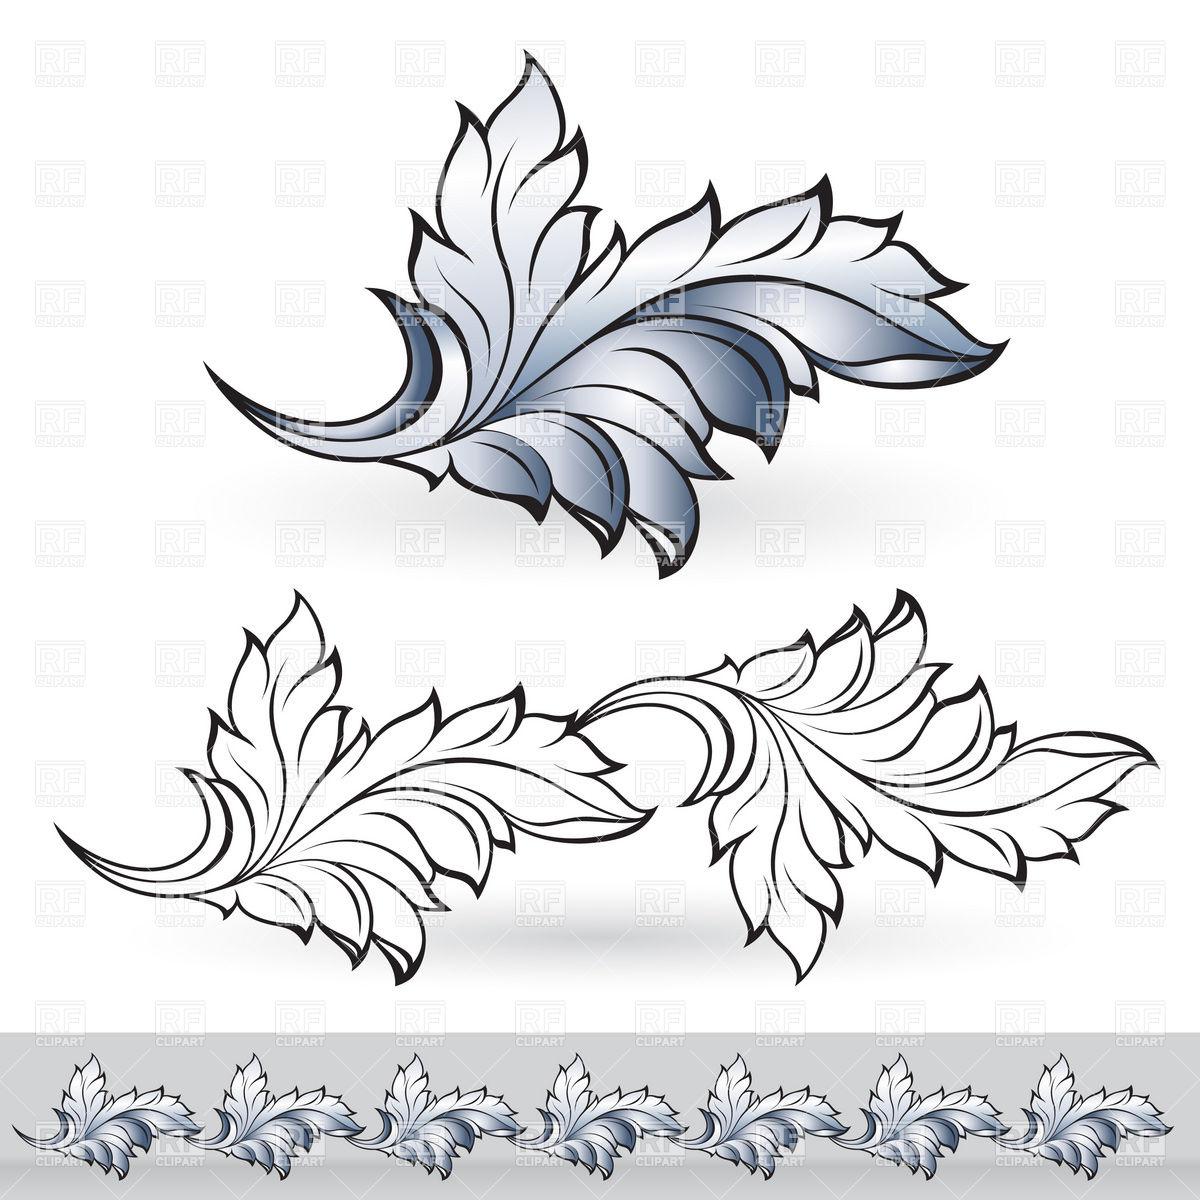 Free Leaf Outline Download Free Clip Art Free Clip Art